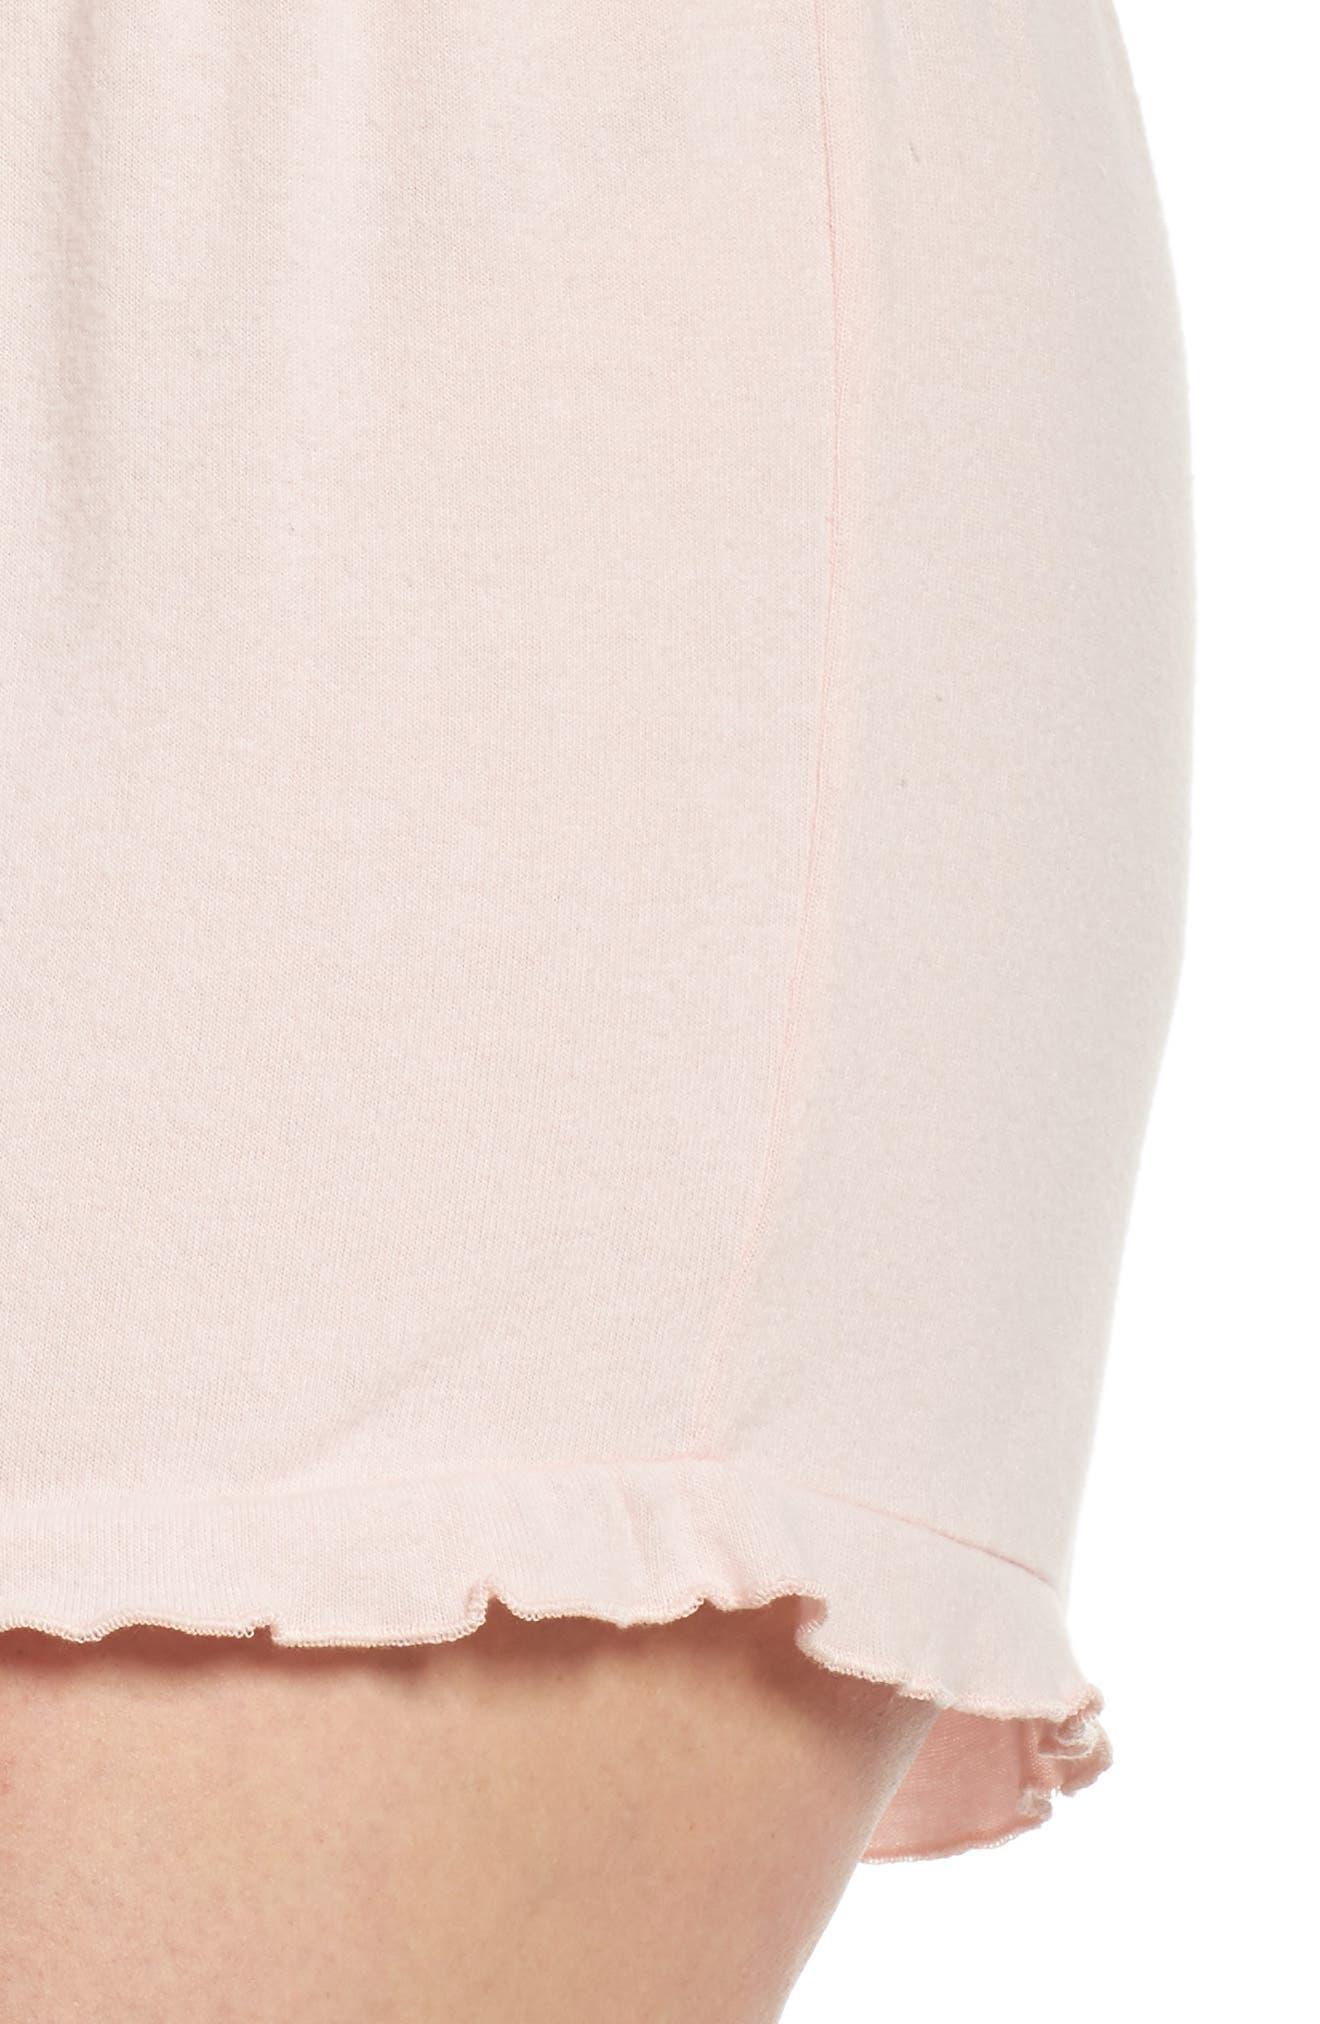 Ruffle Lounge Shorts,                             Alternate thumbnail 6, color,                             Blush